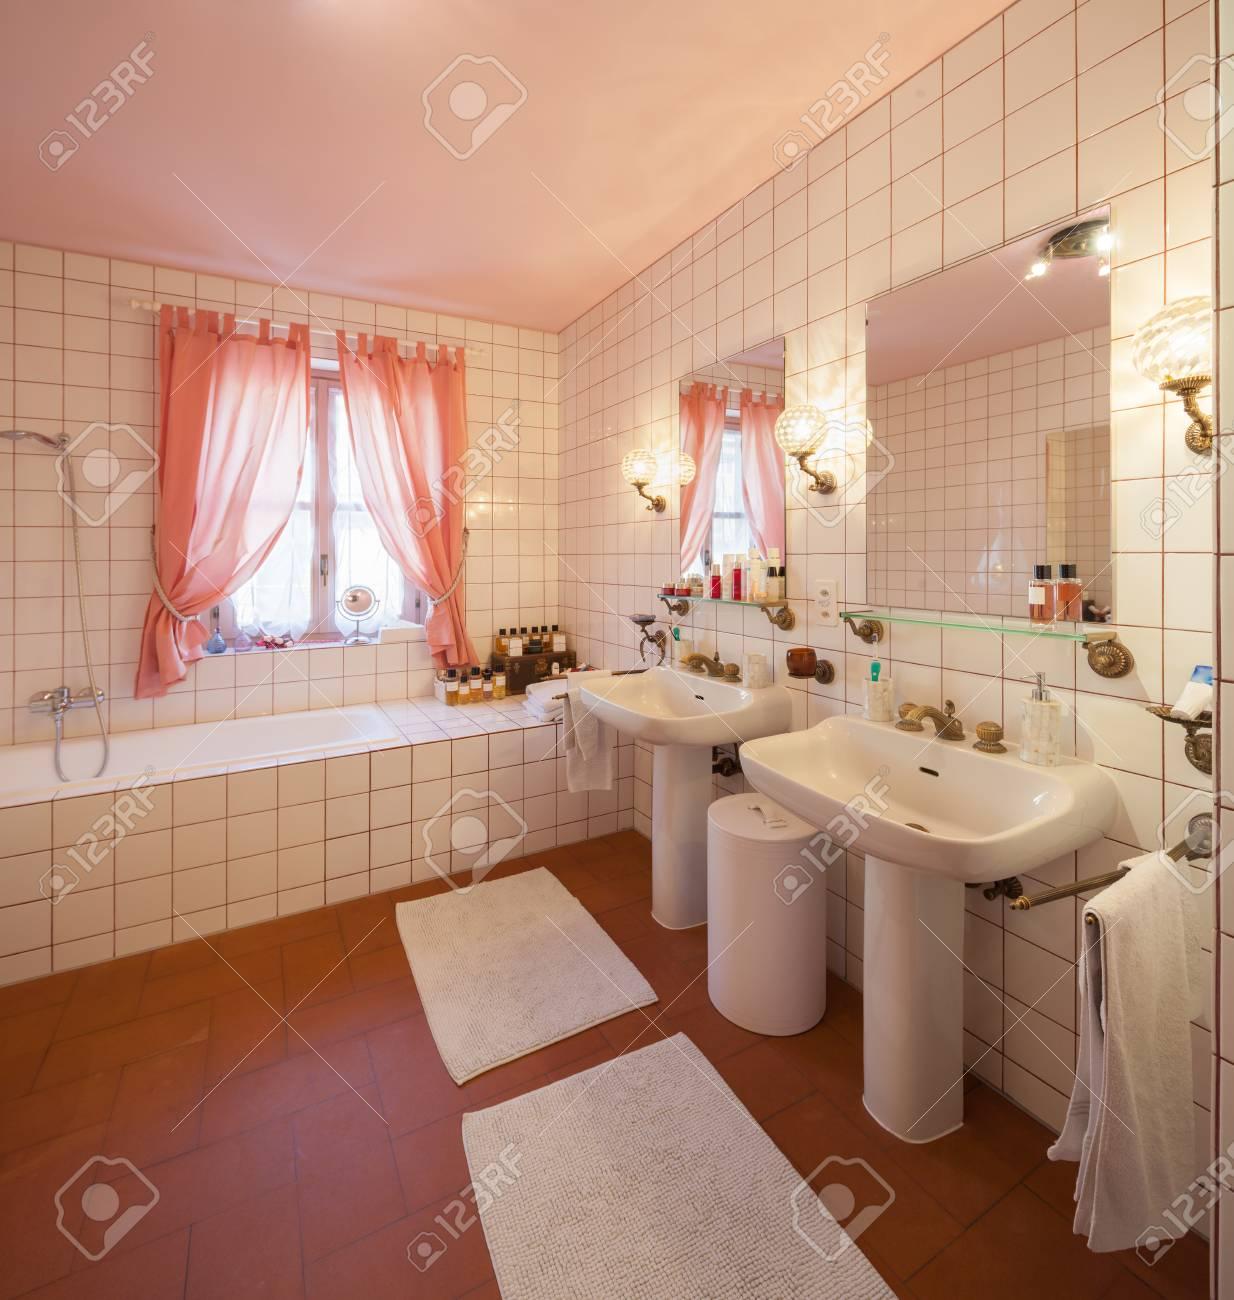 Haus Innenräume Eingerichtet, Badezimmer Lizenzfreie Fotos, Bilder ...